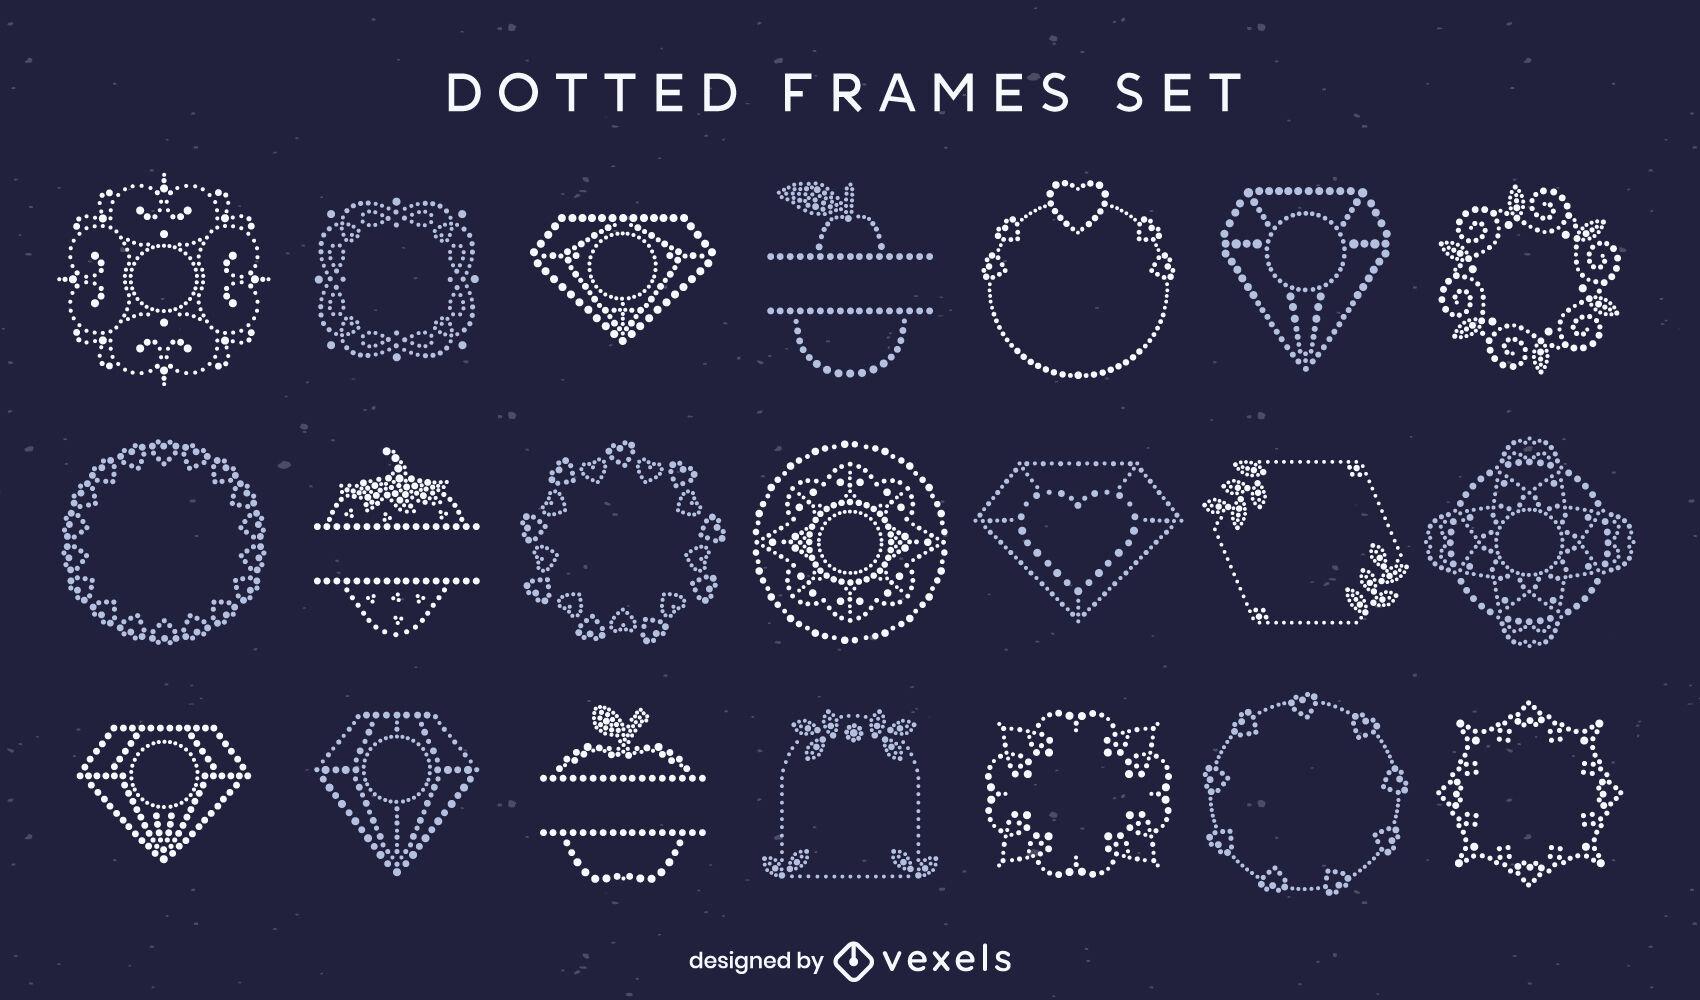 Einfaches Set mit gepunkteten Rahmenelementen